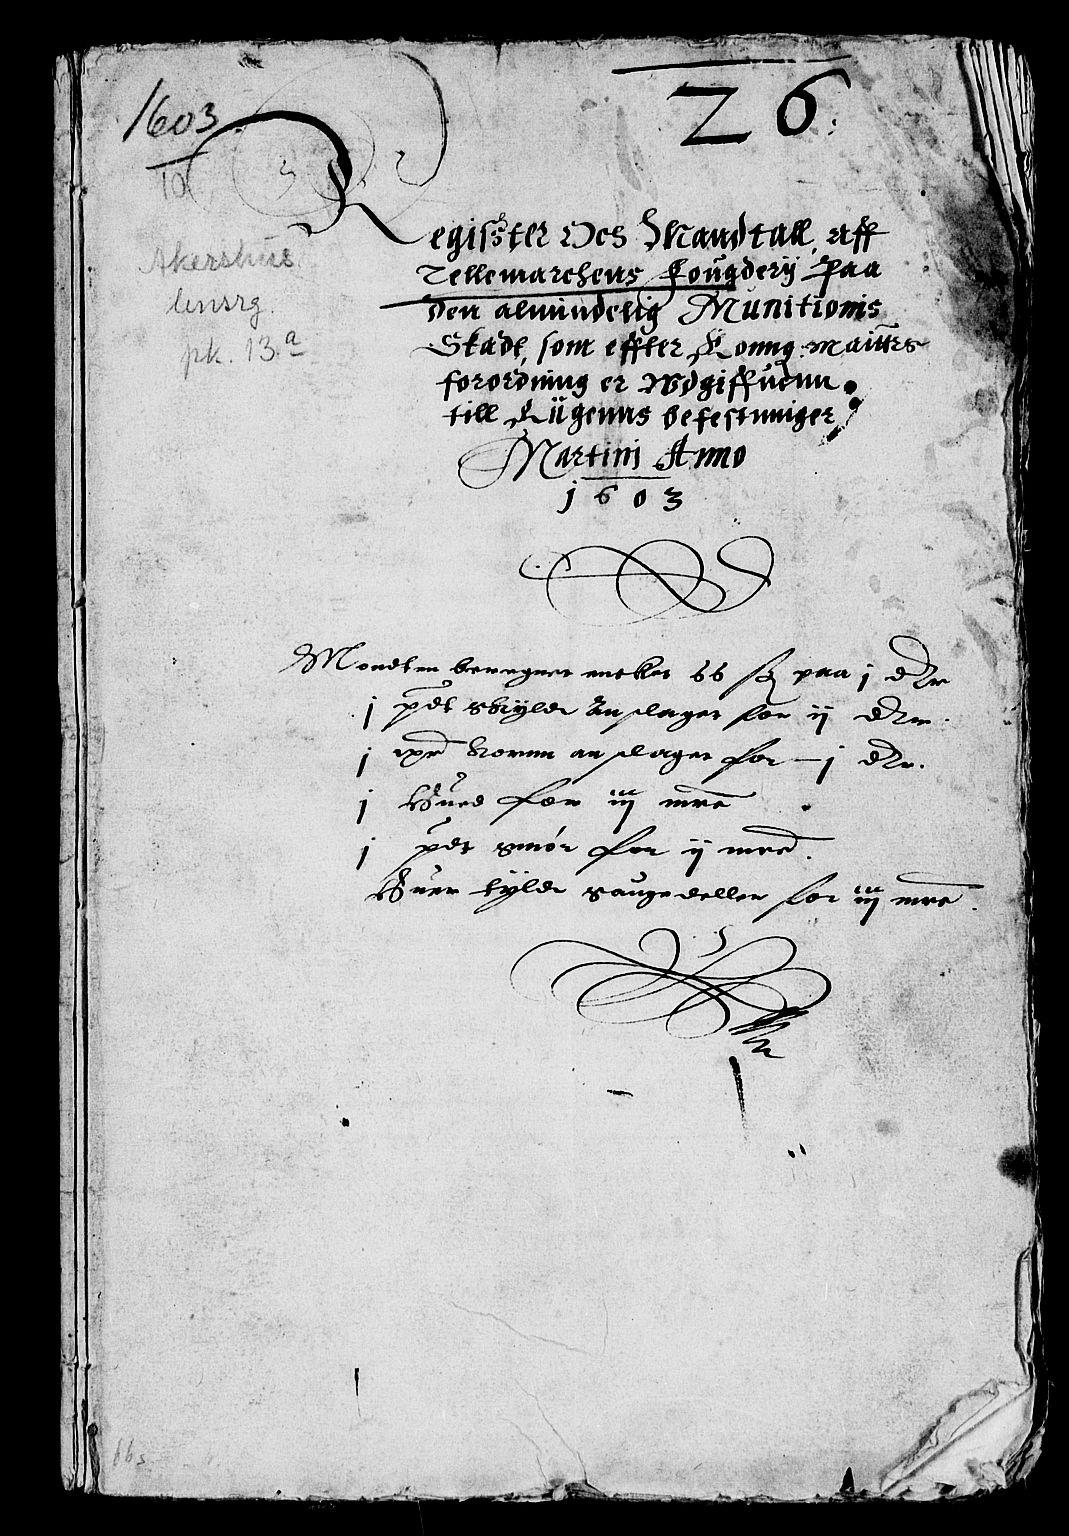 RA, Rentekammeret inntil 1814, Reviderte regnskaper, Lensregnskaper, R/Rb/Rba/L0018: Akershus len, 1603-1605